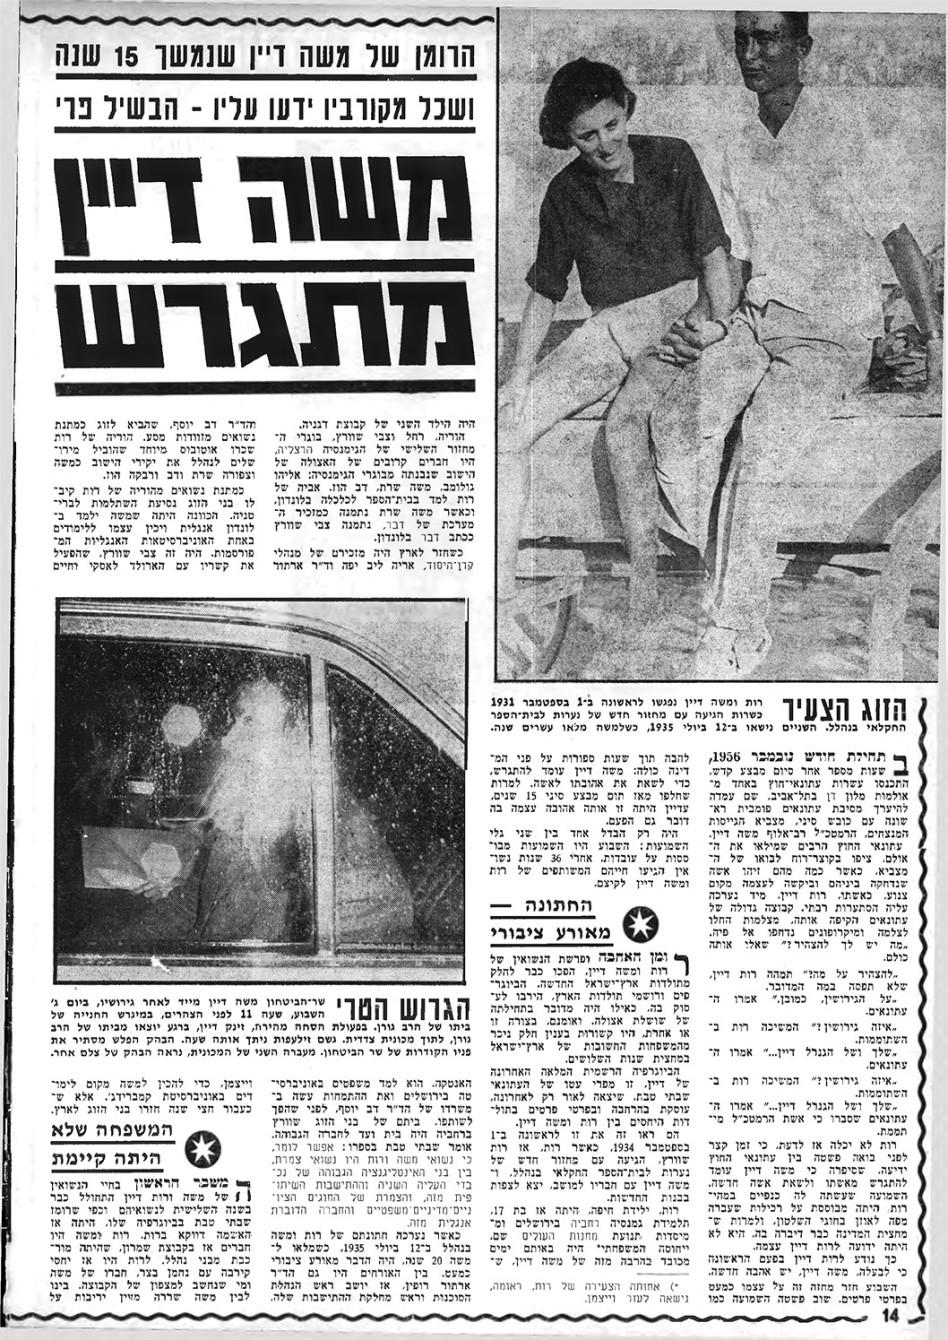 משה דיין מתגרש (צילום: ארכיון ''העולם הזה'')